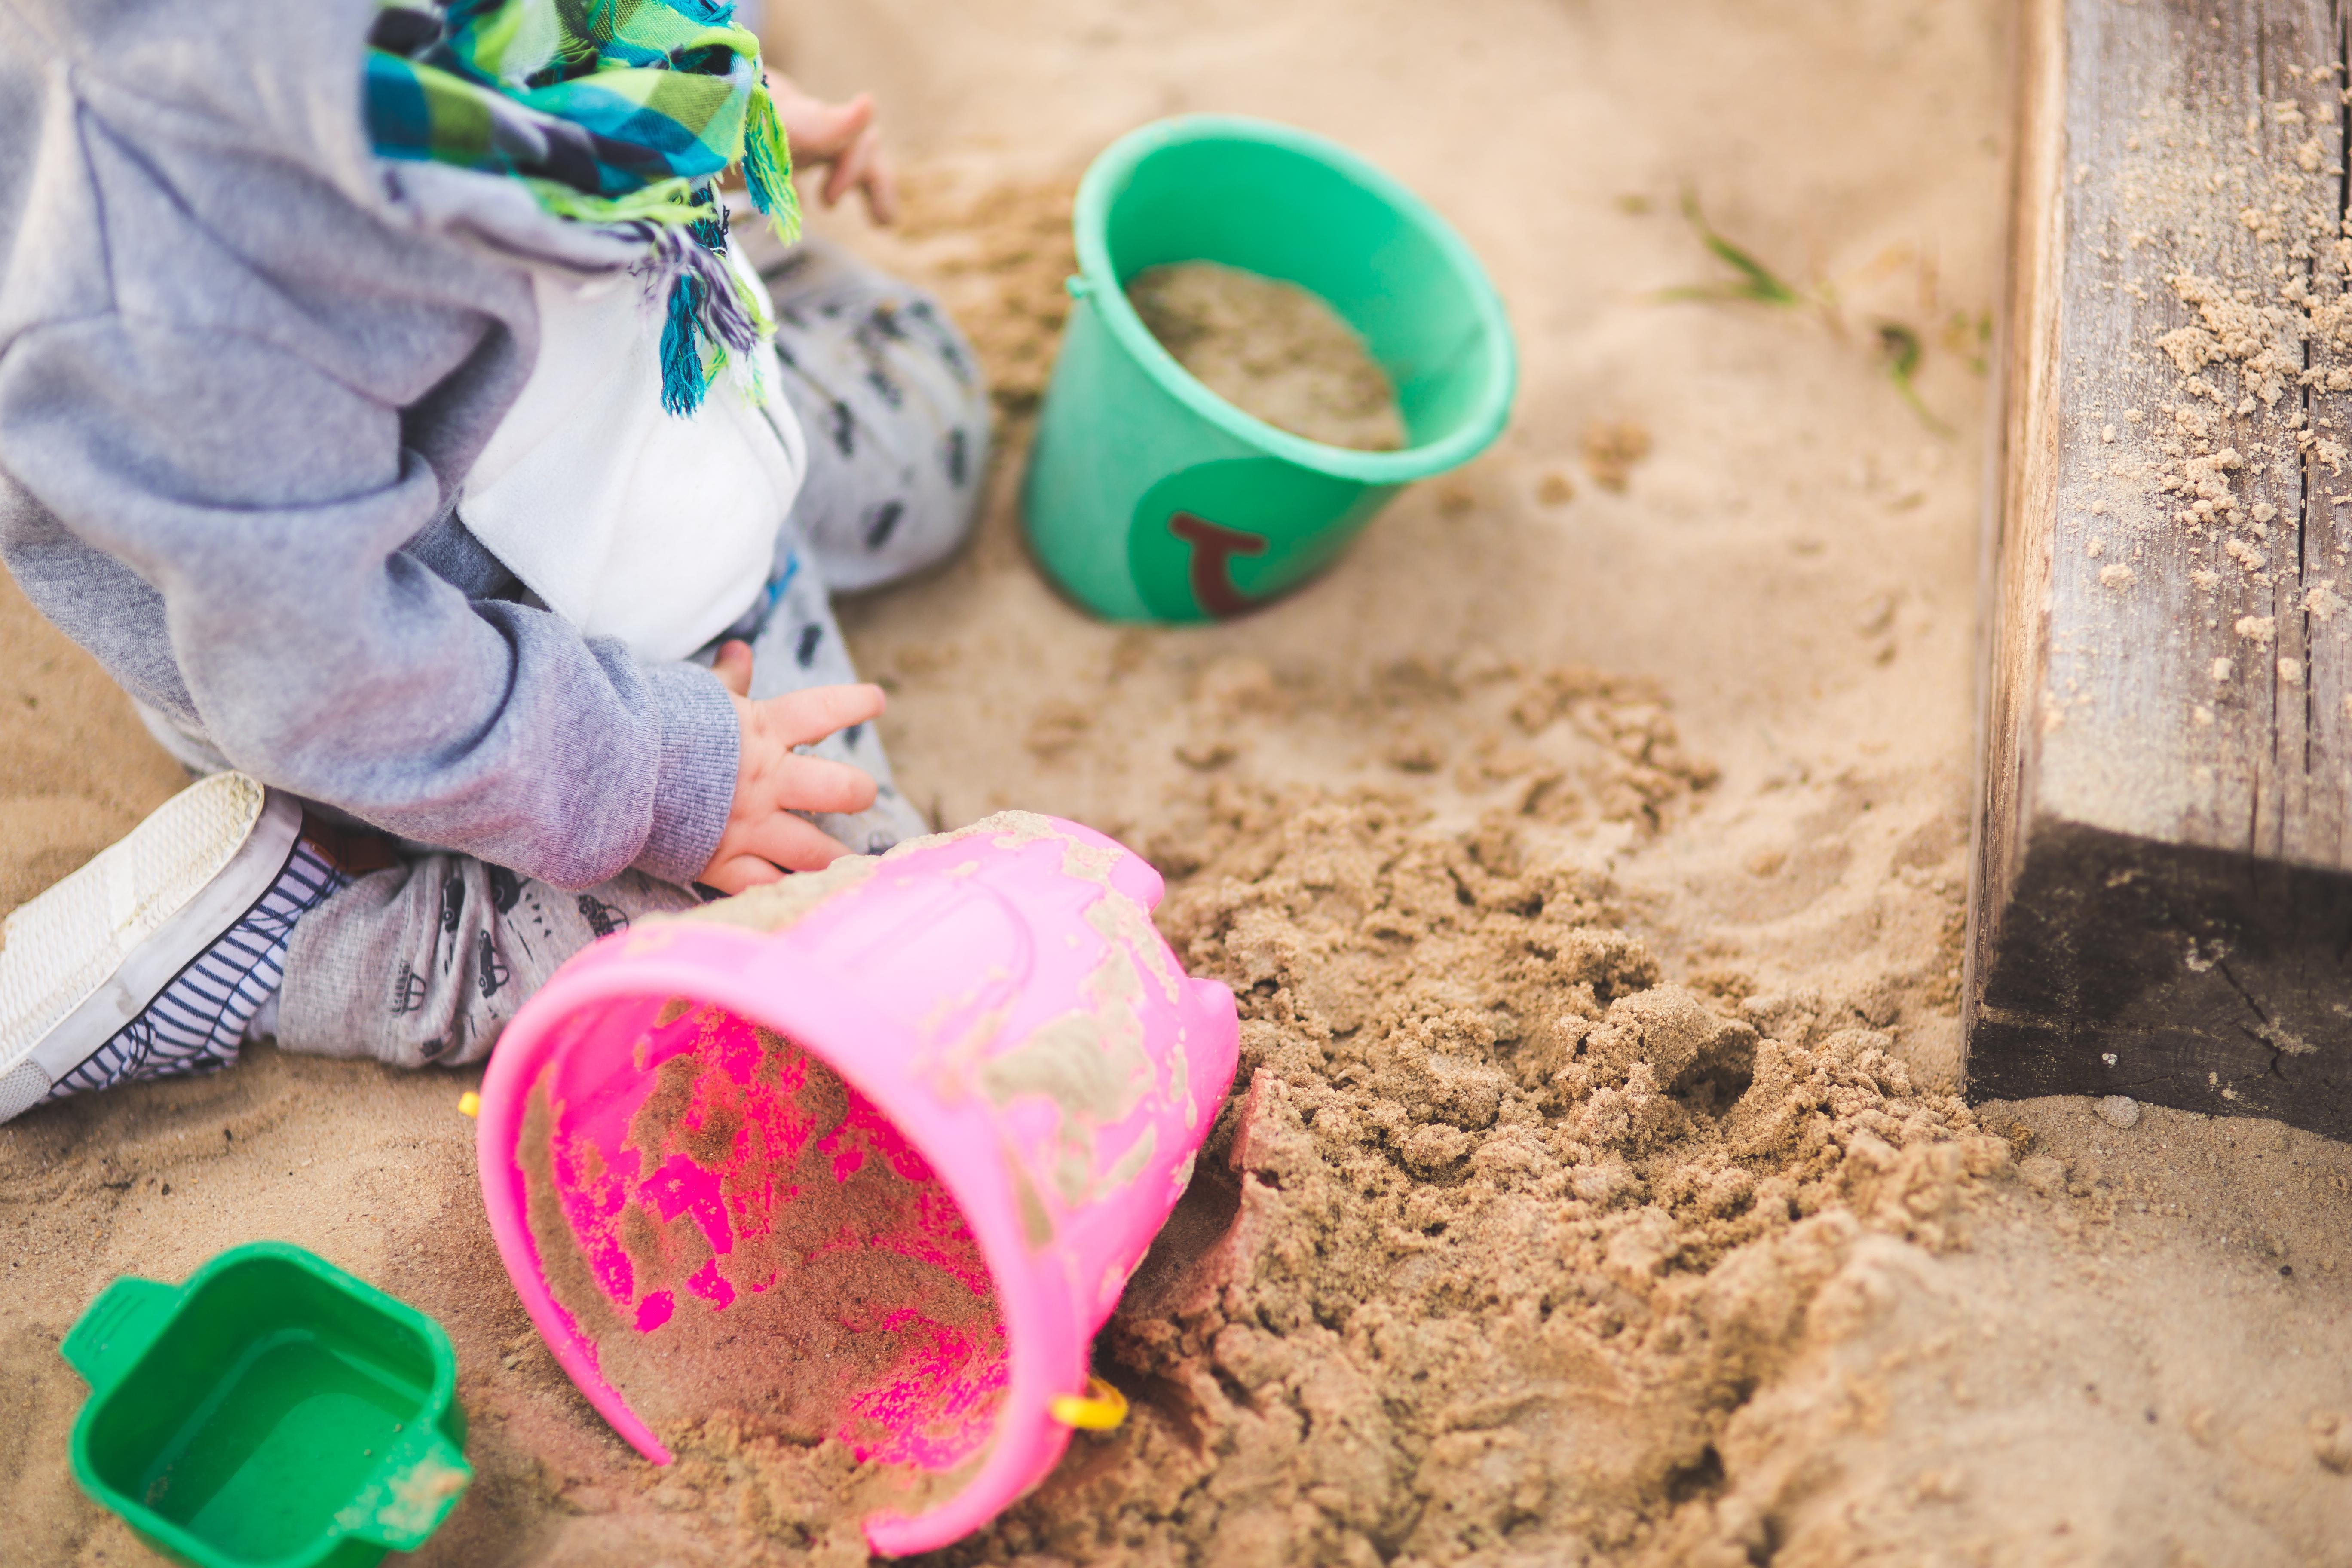 child sandbox